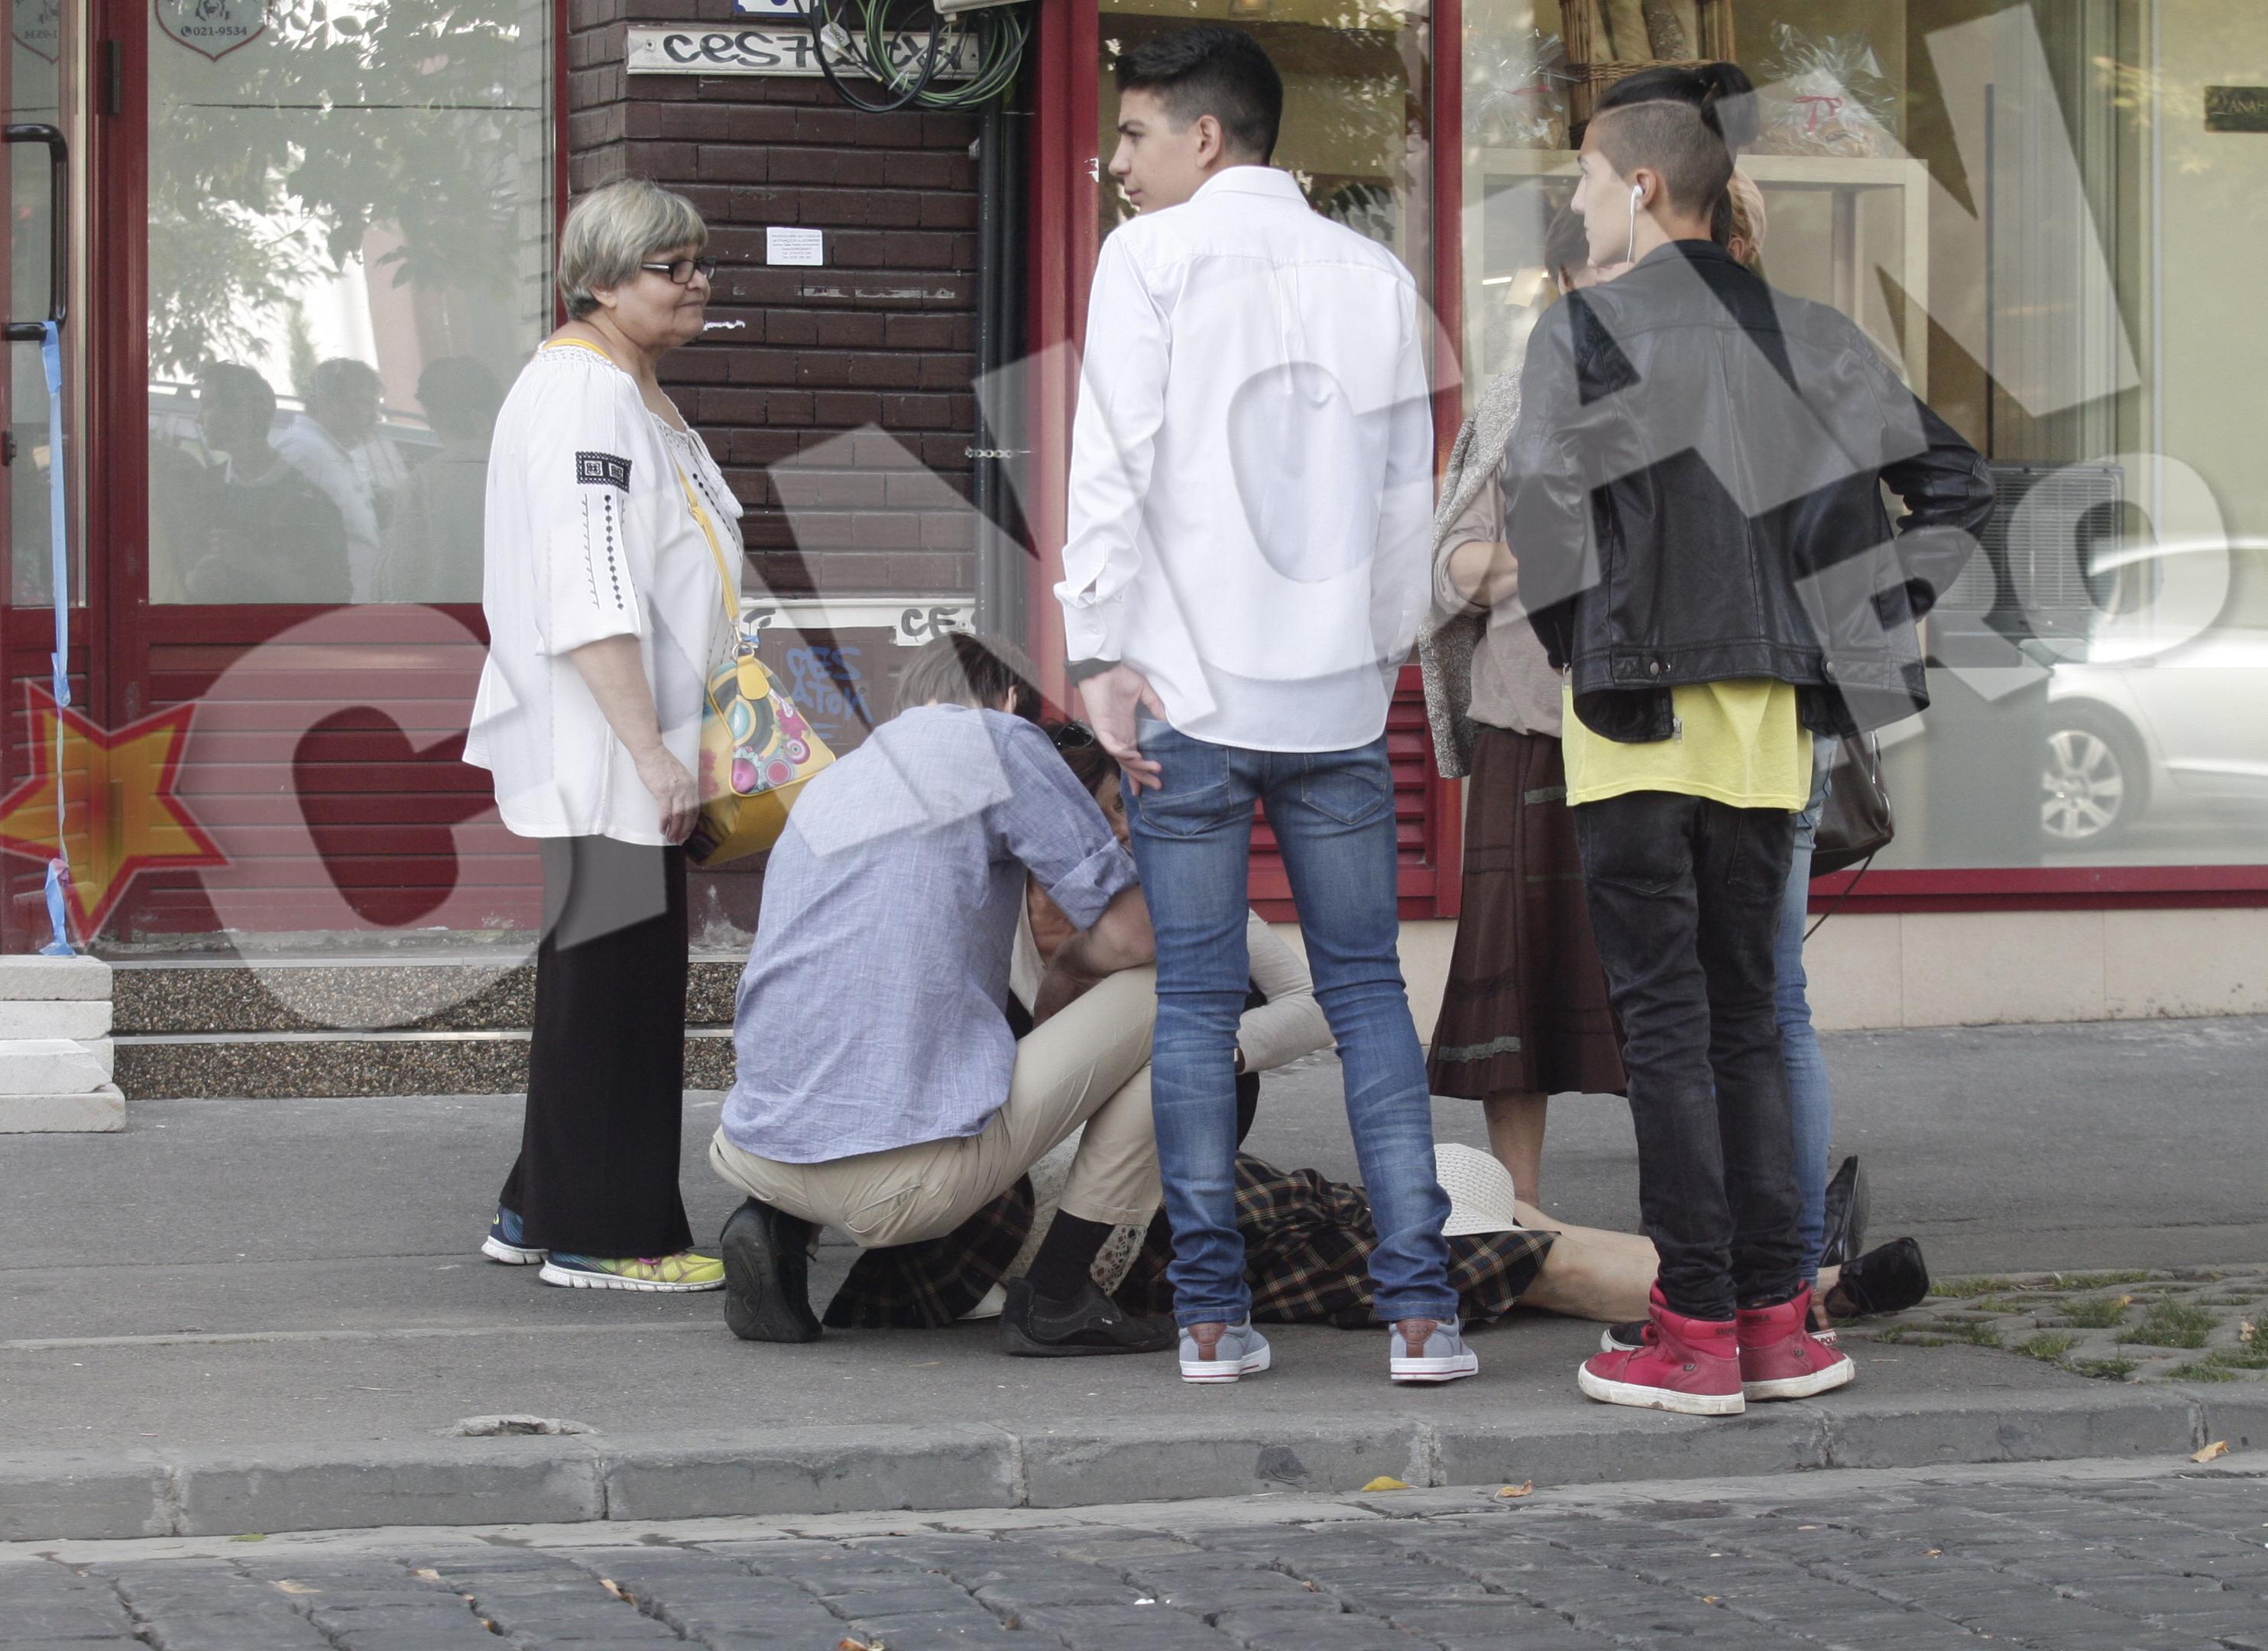 Cristina Copos a sarit in ajutorul femeii